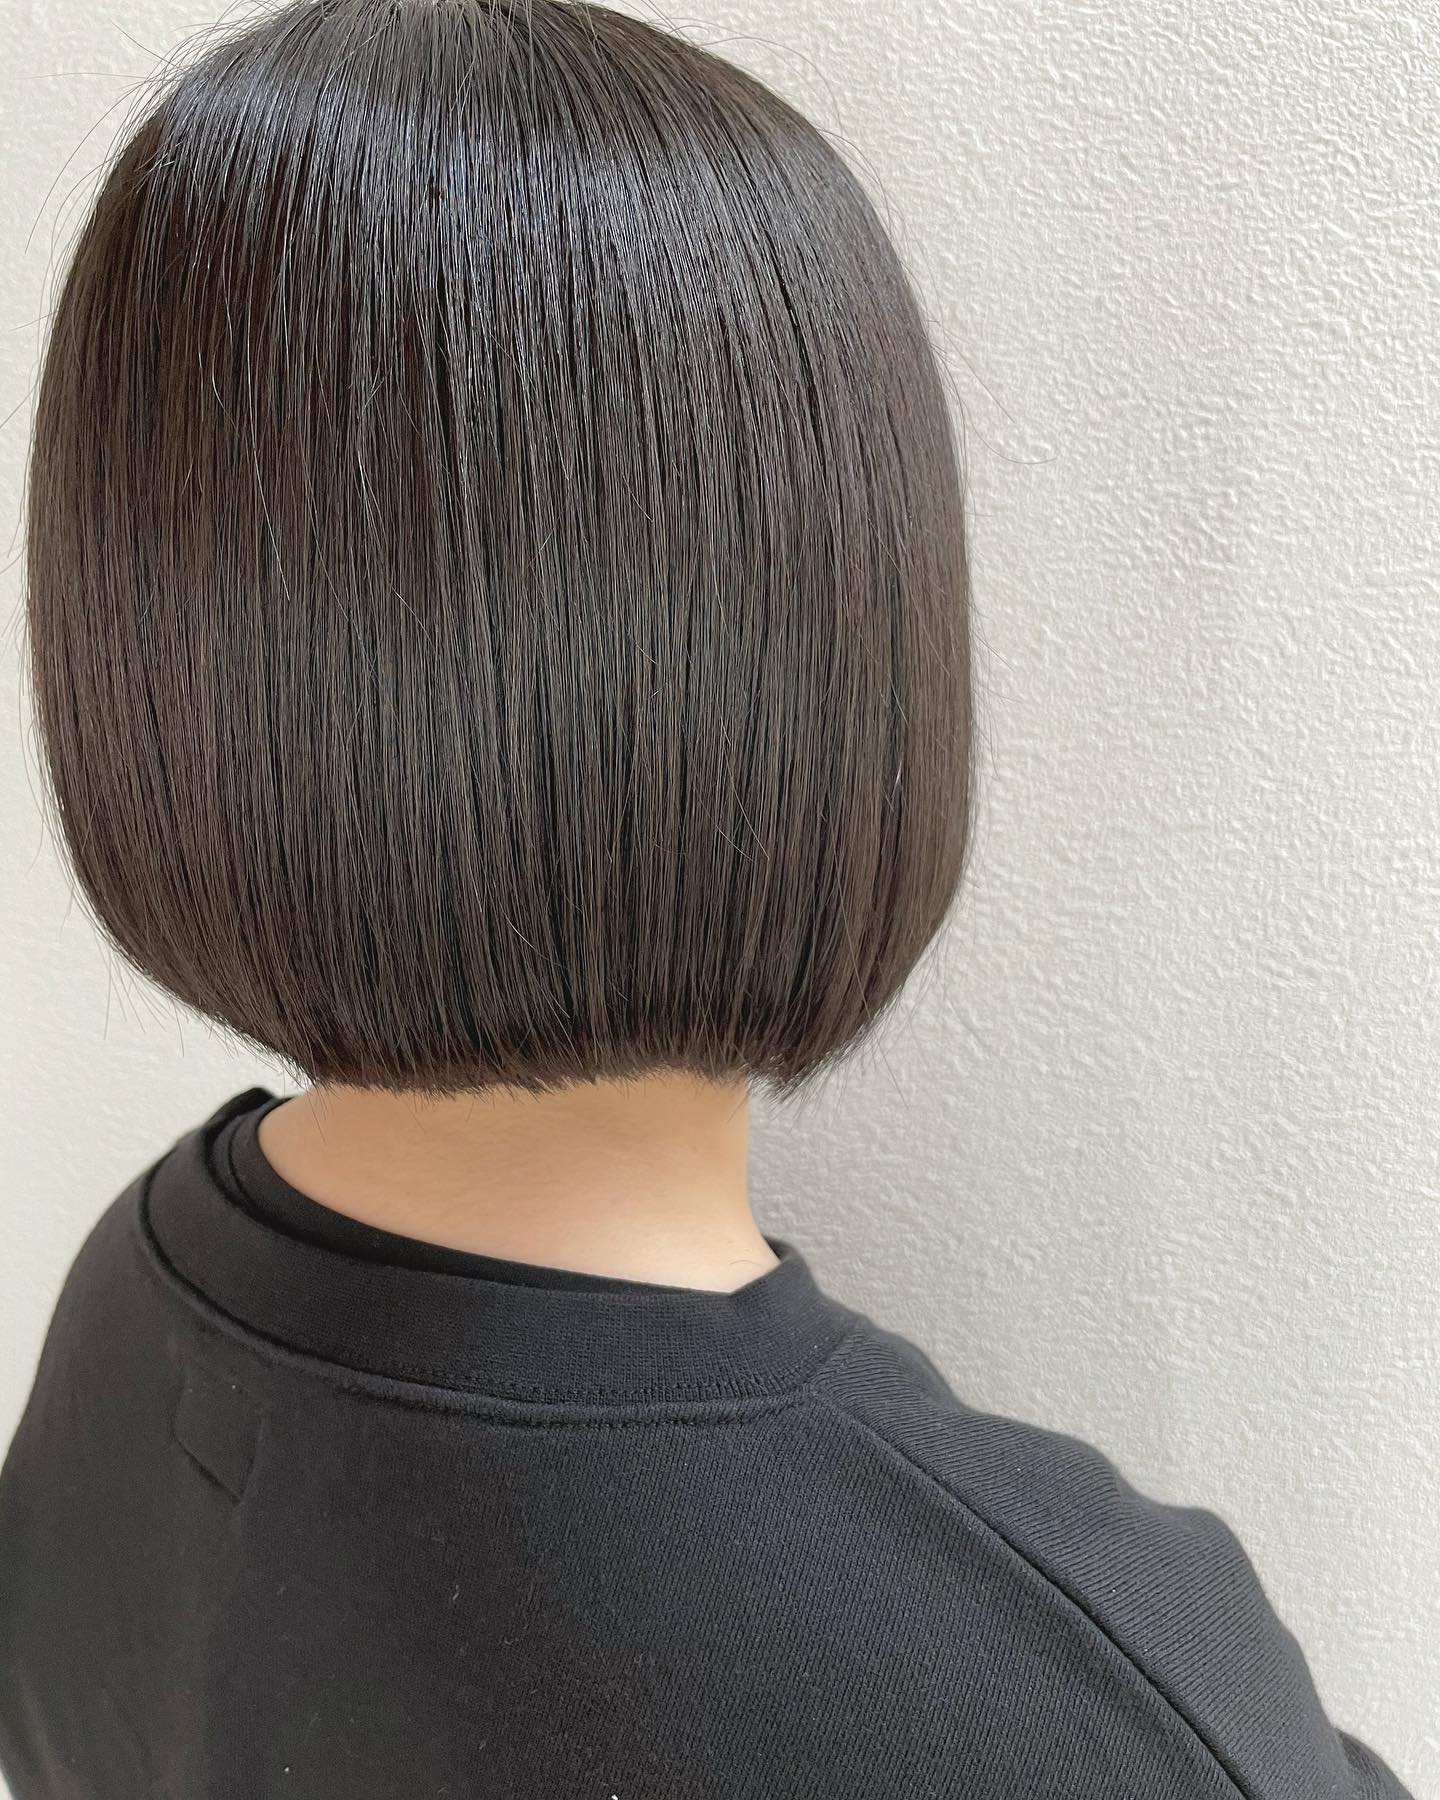 黒髪️..#ボブ#切りっぱなし#黒髪#可愛い##️..〠627-0004京丹後市峰山町荒山1220-1︎0772608704close:Wednesday